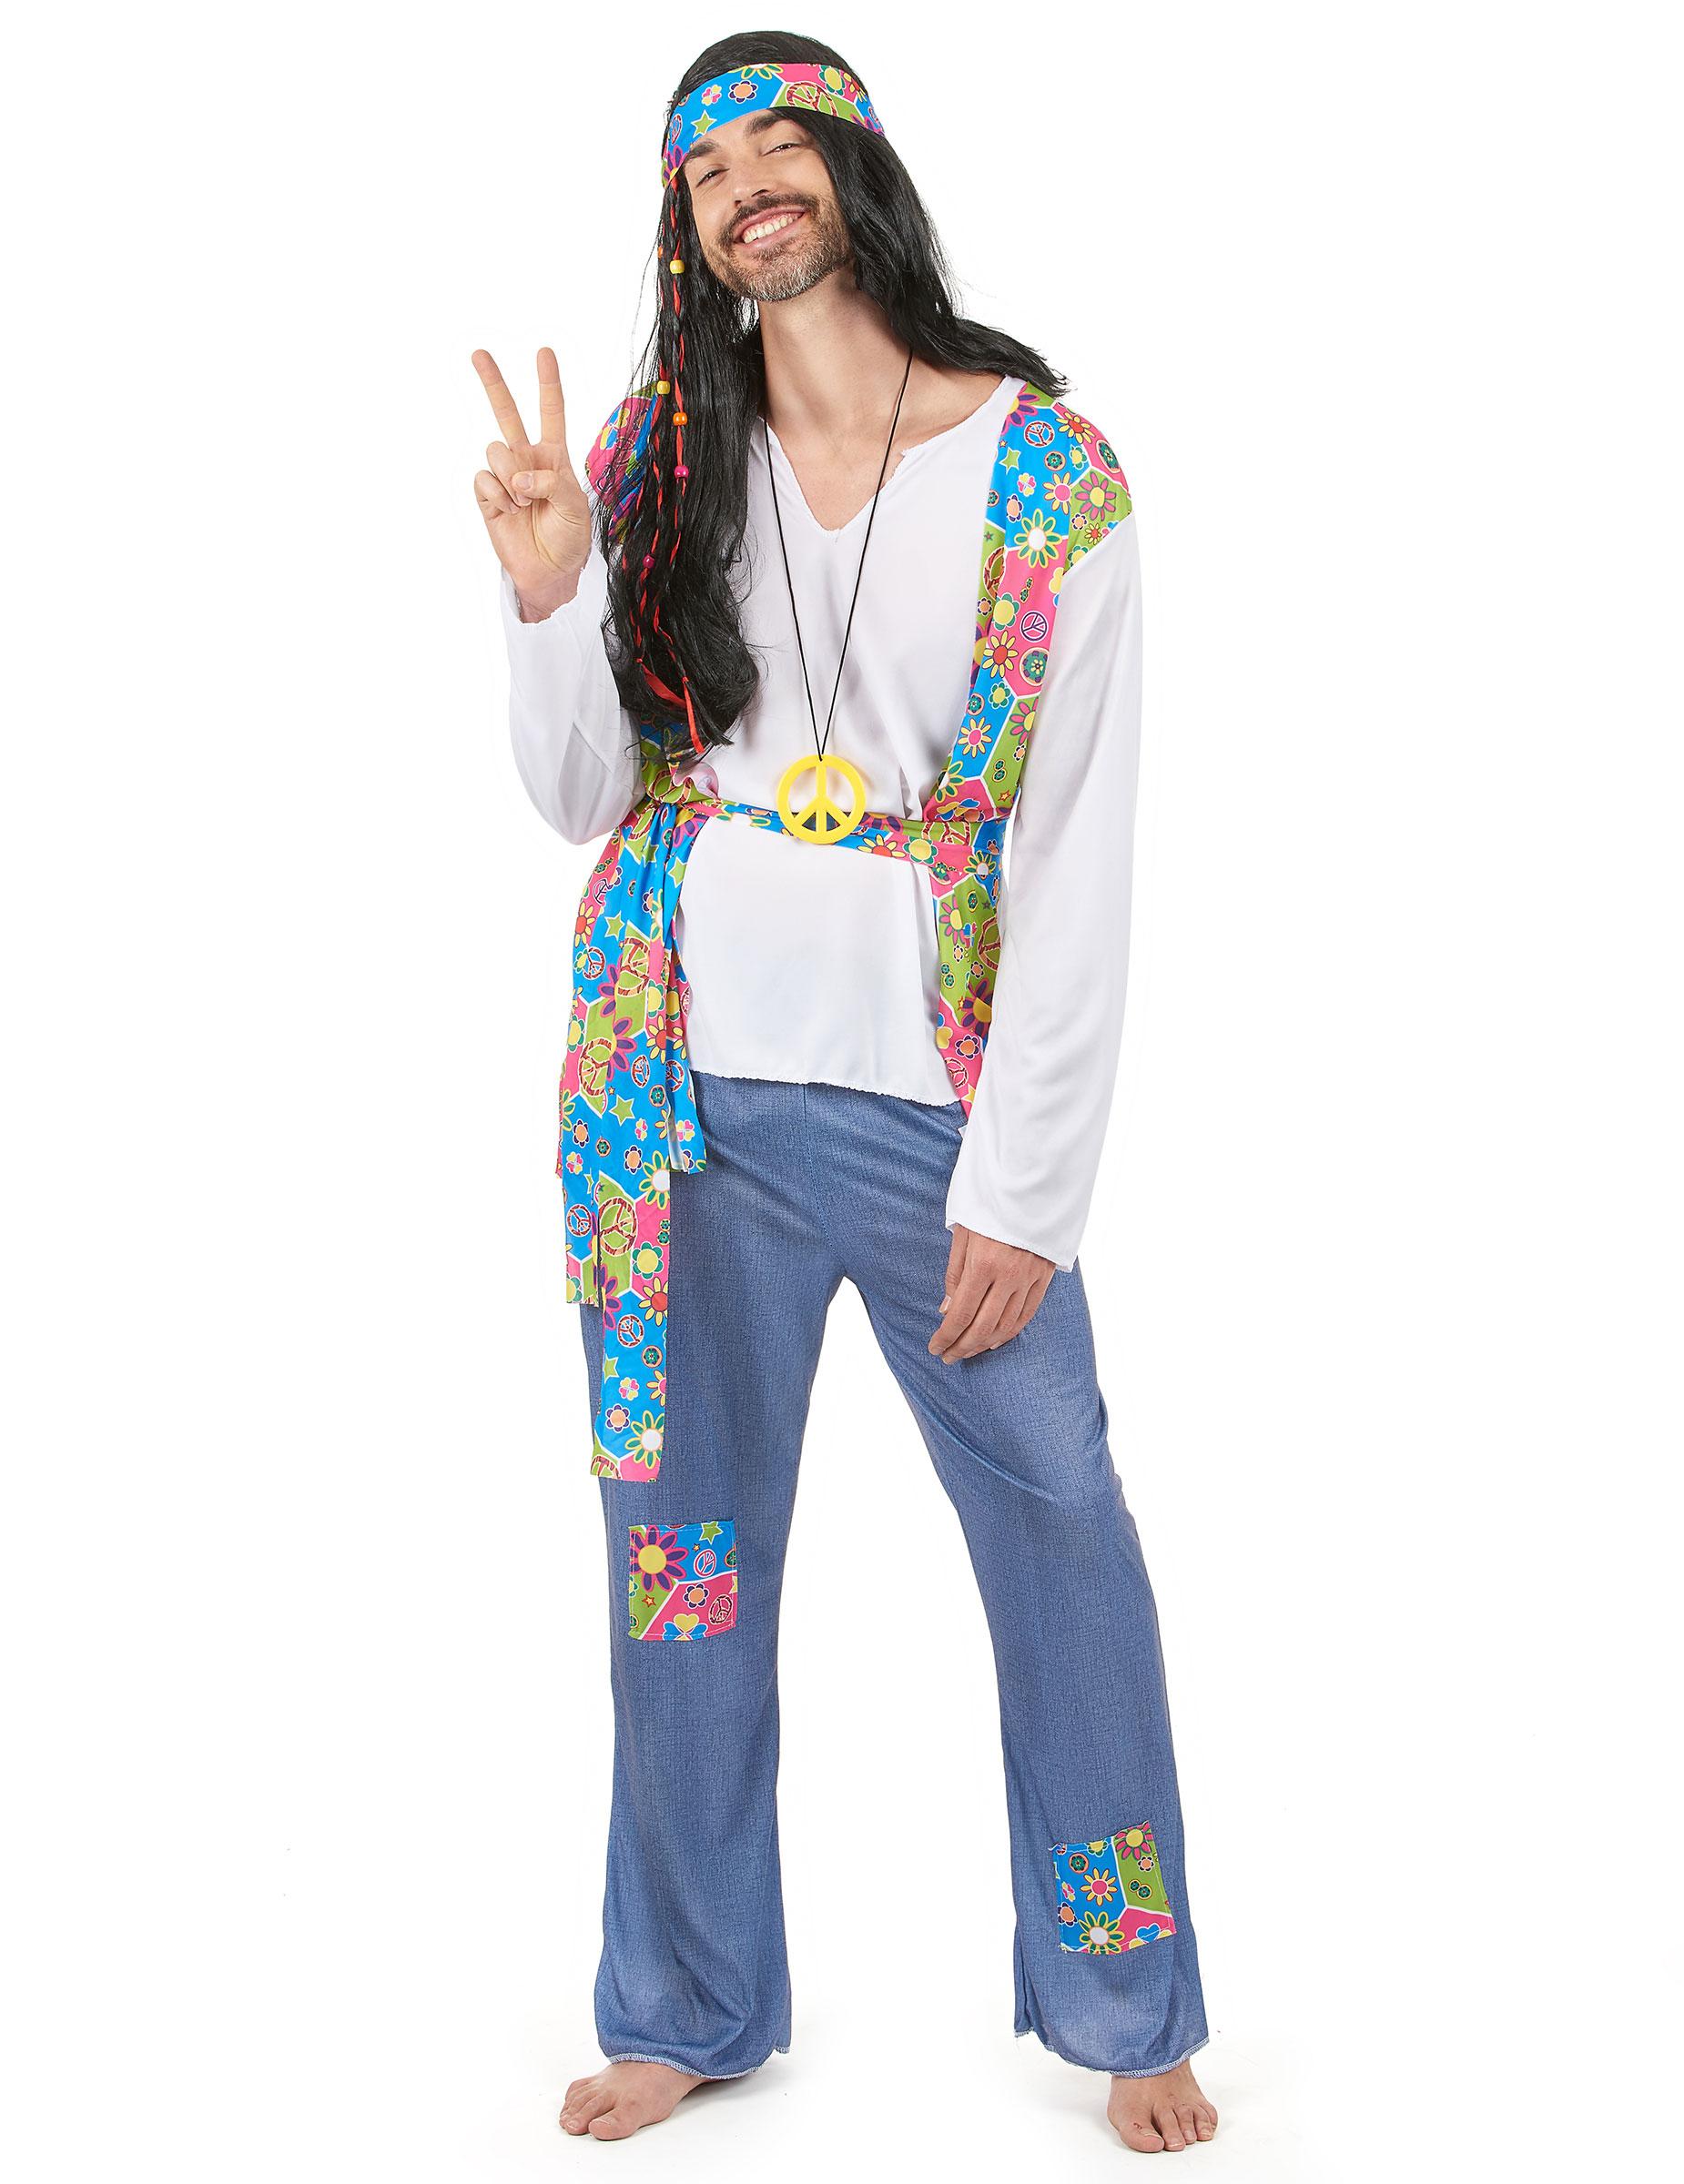 D guisement hippie homme achat de d guisements adultes sur vegaoopro grossiste en d guisements - Tenue hippie homme ...